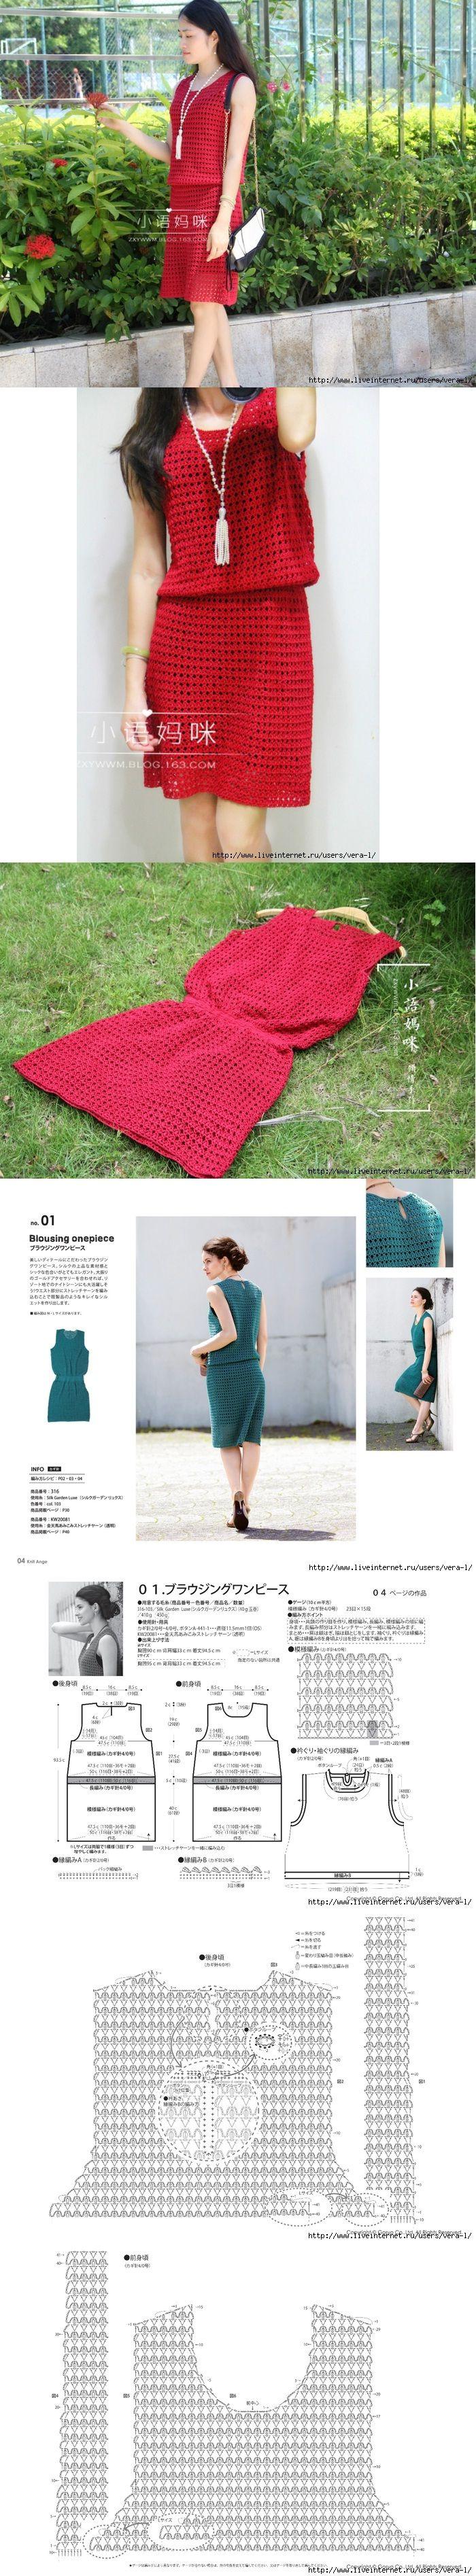 Ажурное красное платье. liveinternet.ru/users/4158673/post368755307/